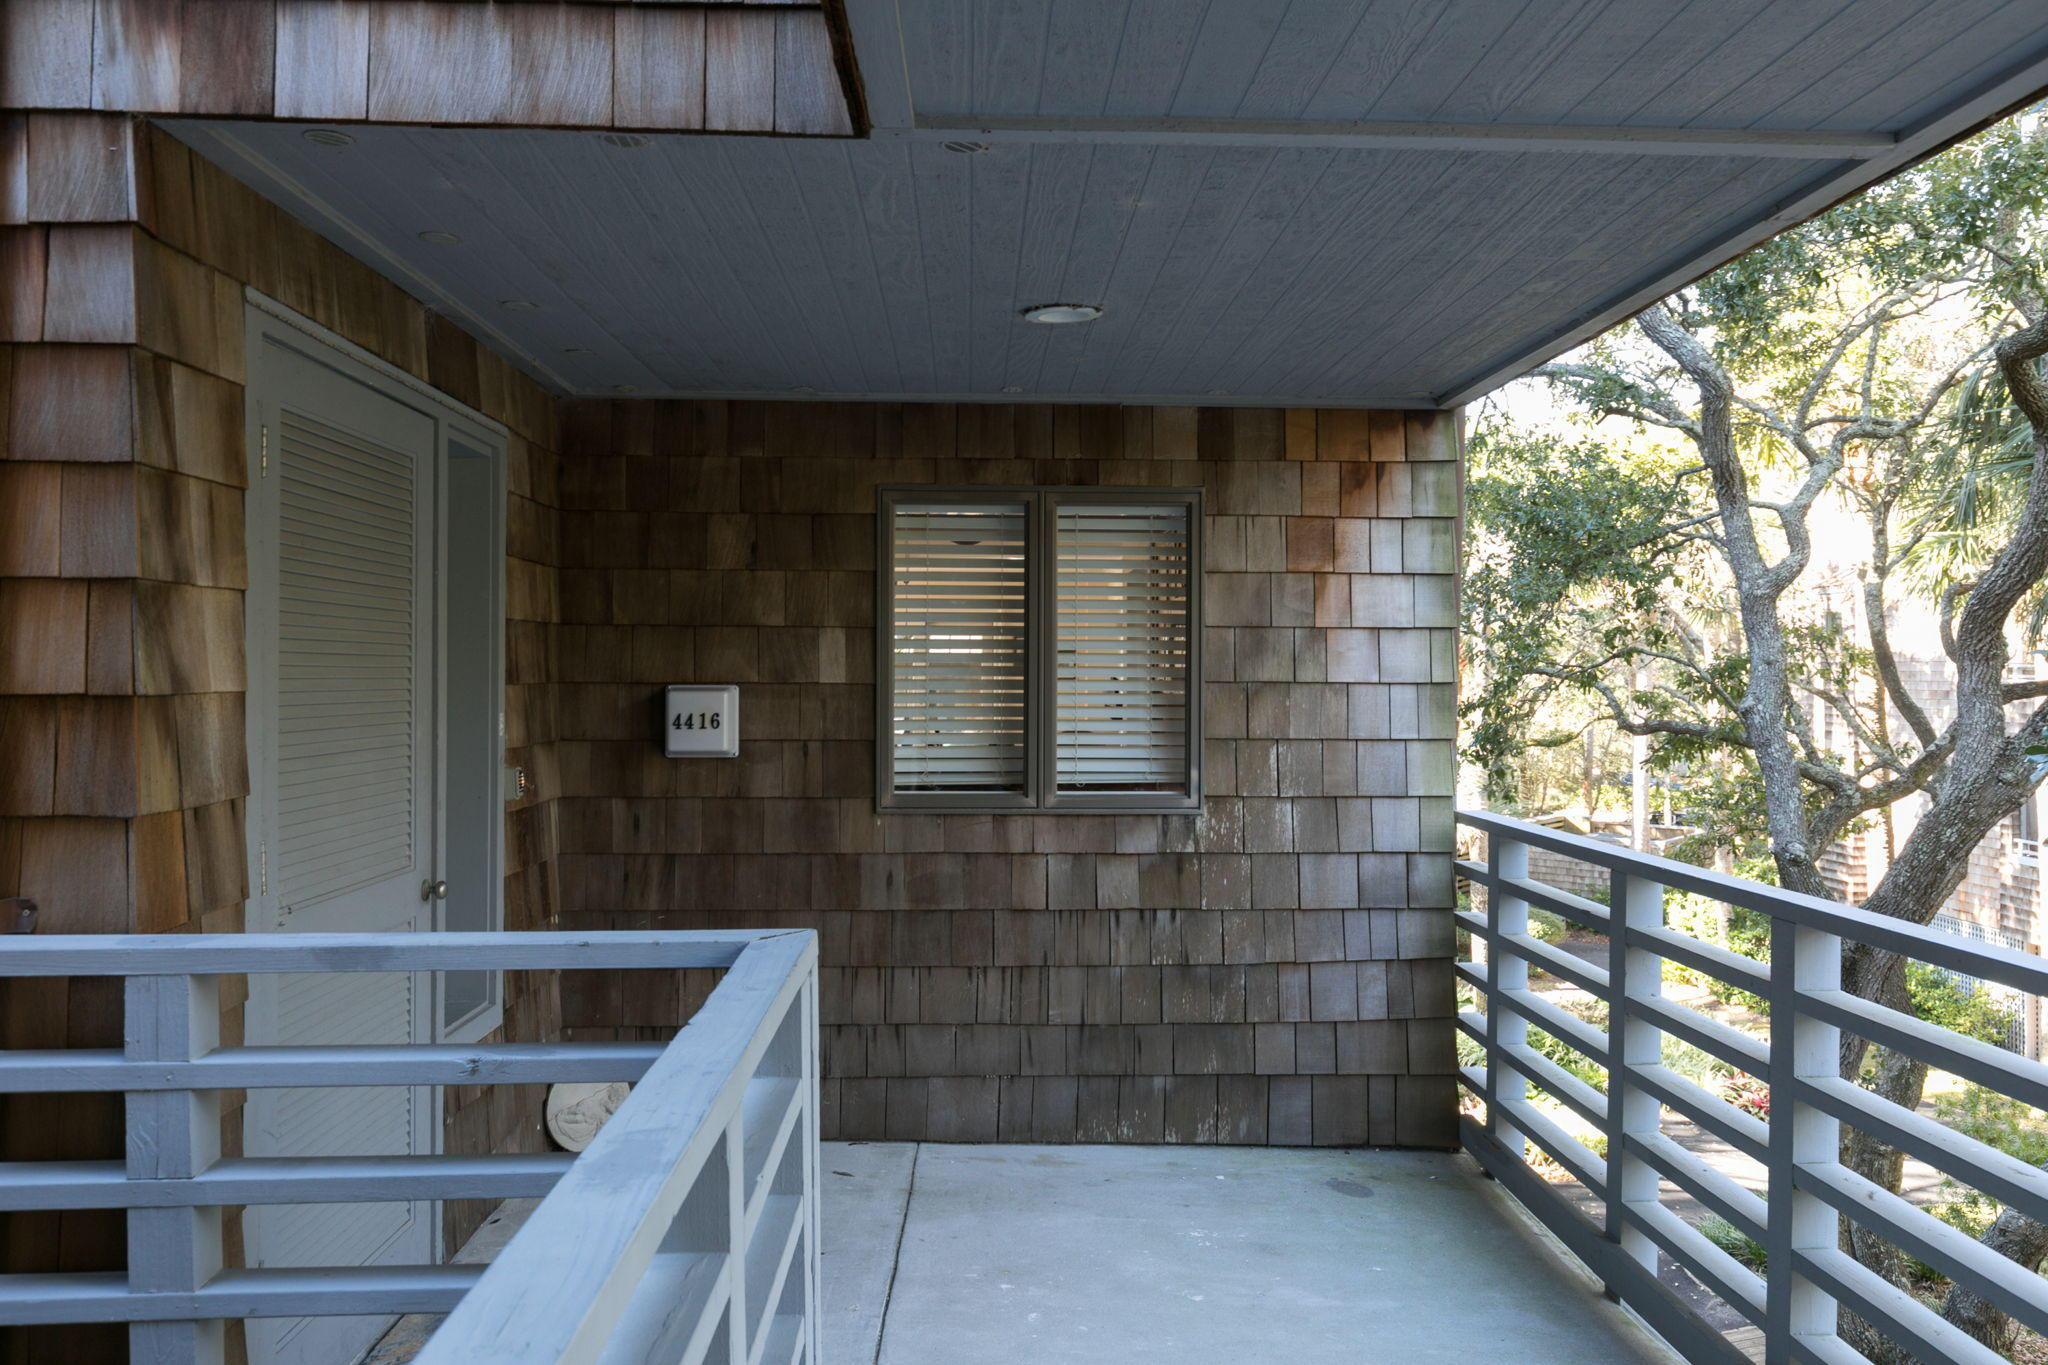 Kiawah Island Homes For Sale - 4416 Sea Forest, Kiawah Island, SC - 35